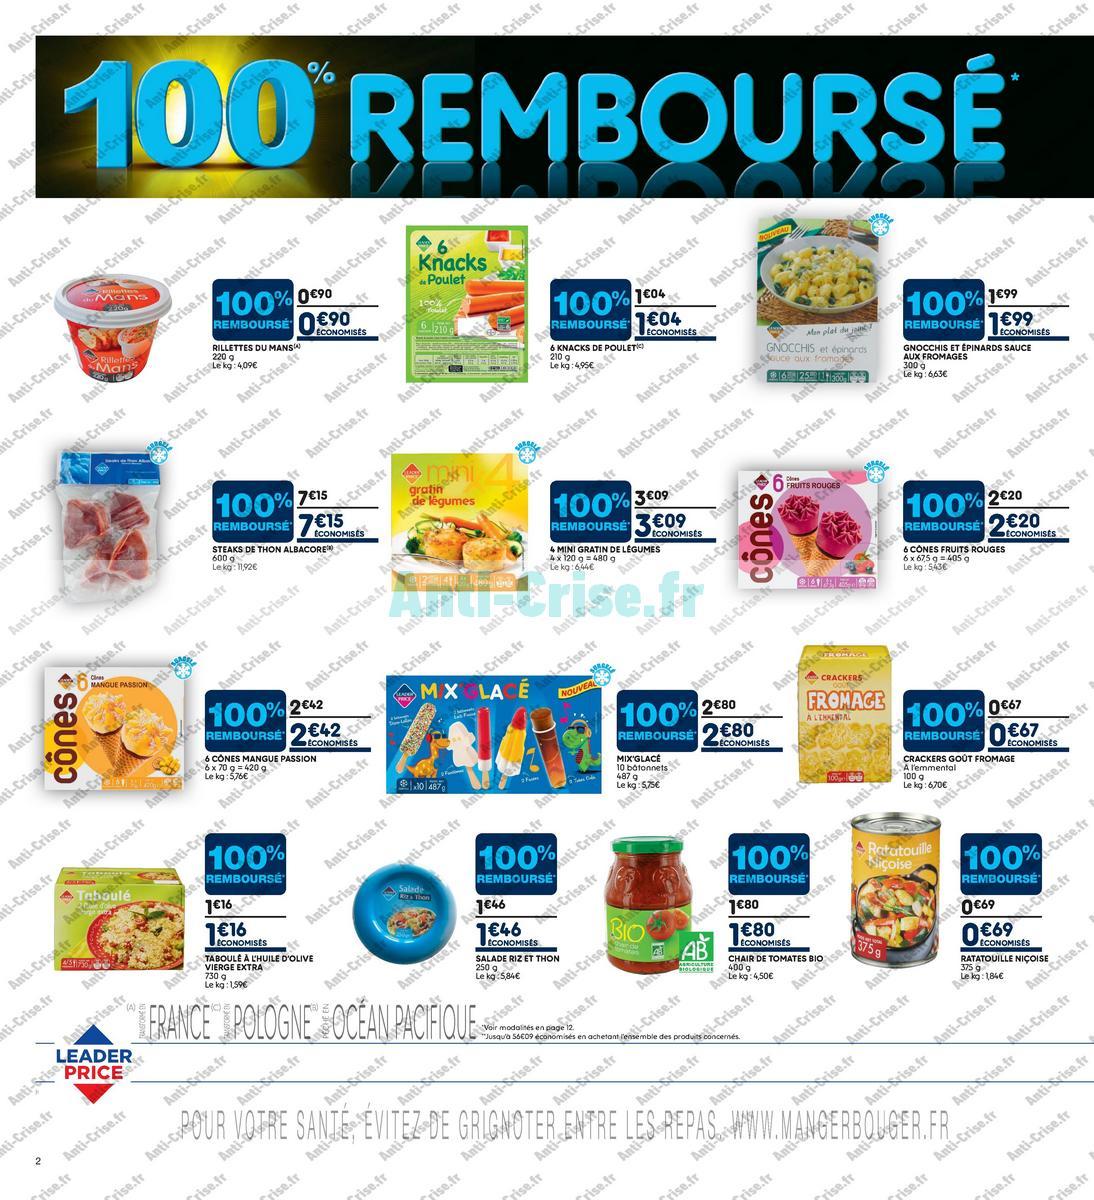 Catalogue Leader Price du 22 mai au 3 juin 2018 (Le Mois 100% Remboursé Vague 2) (2)